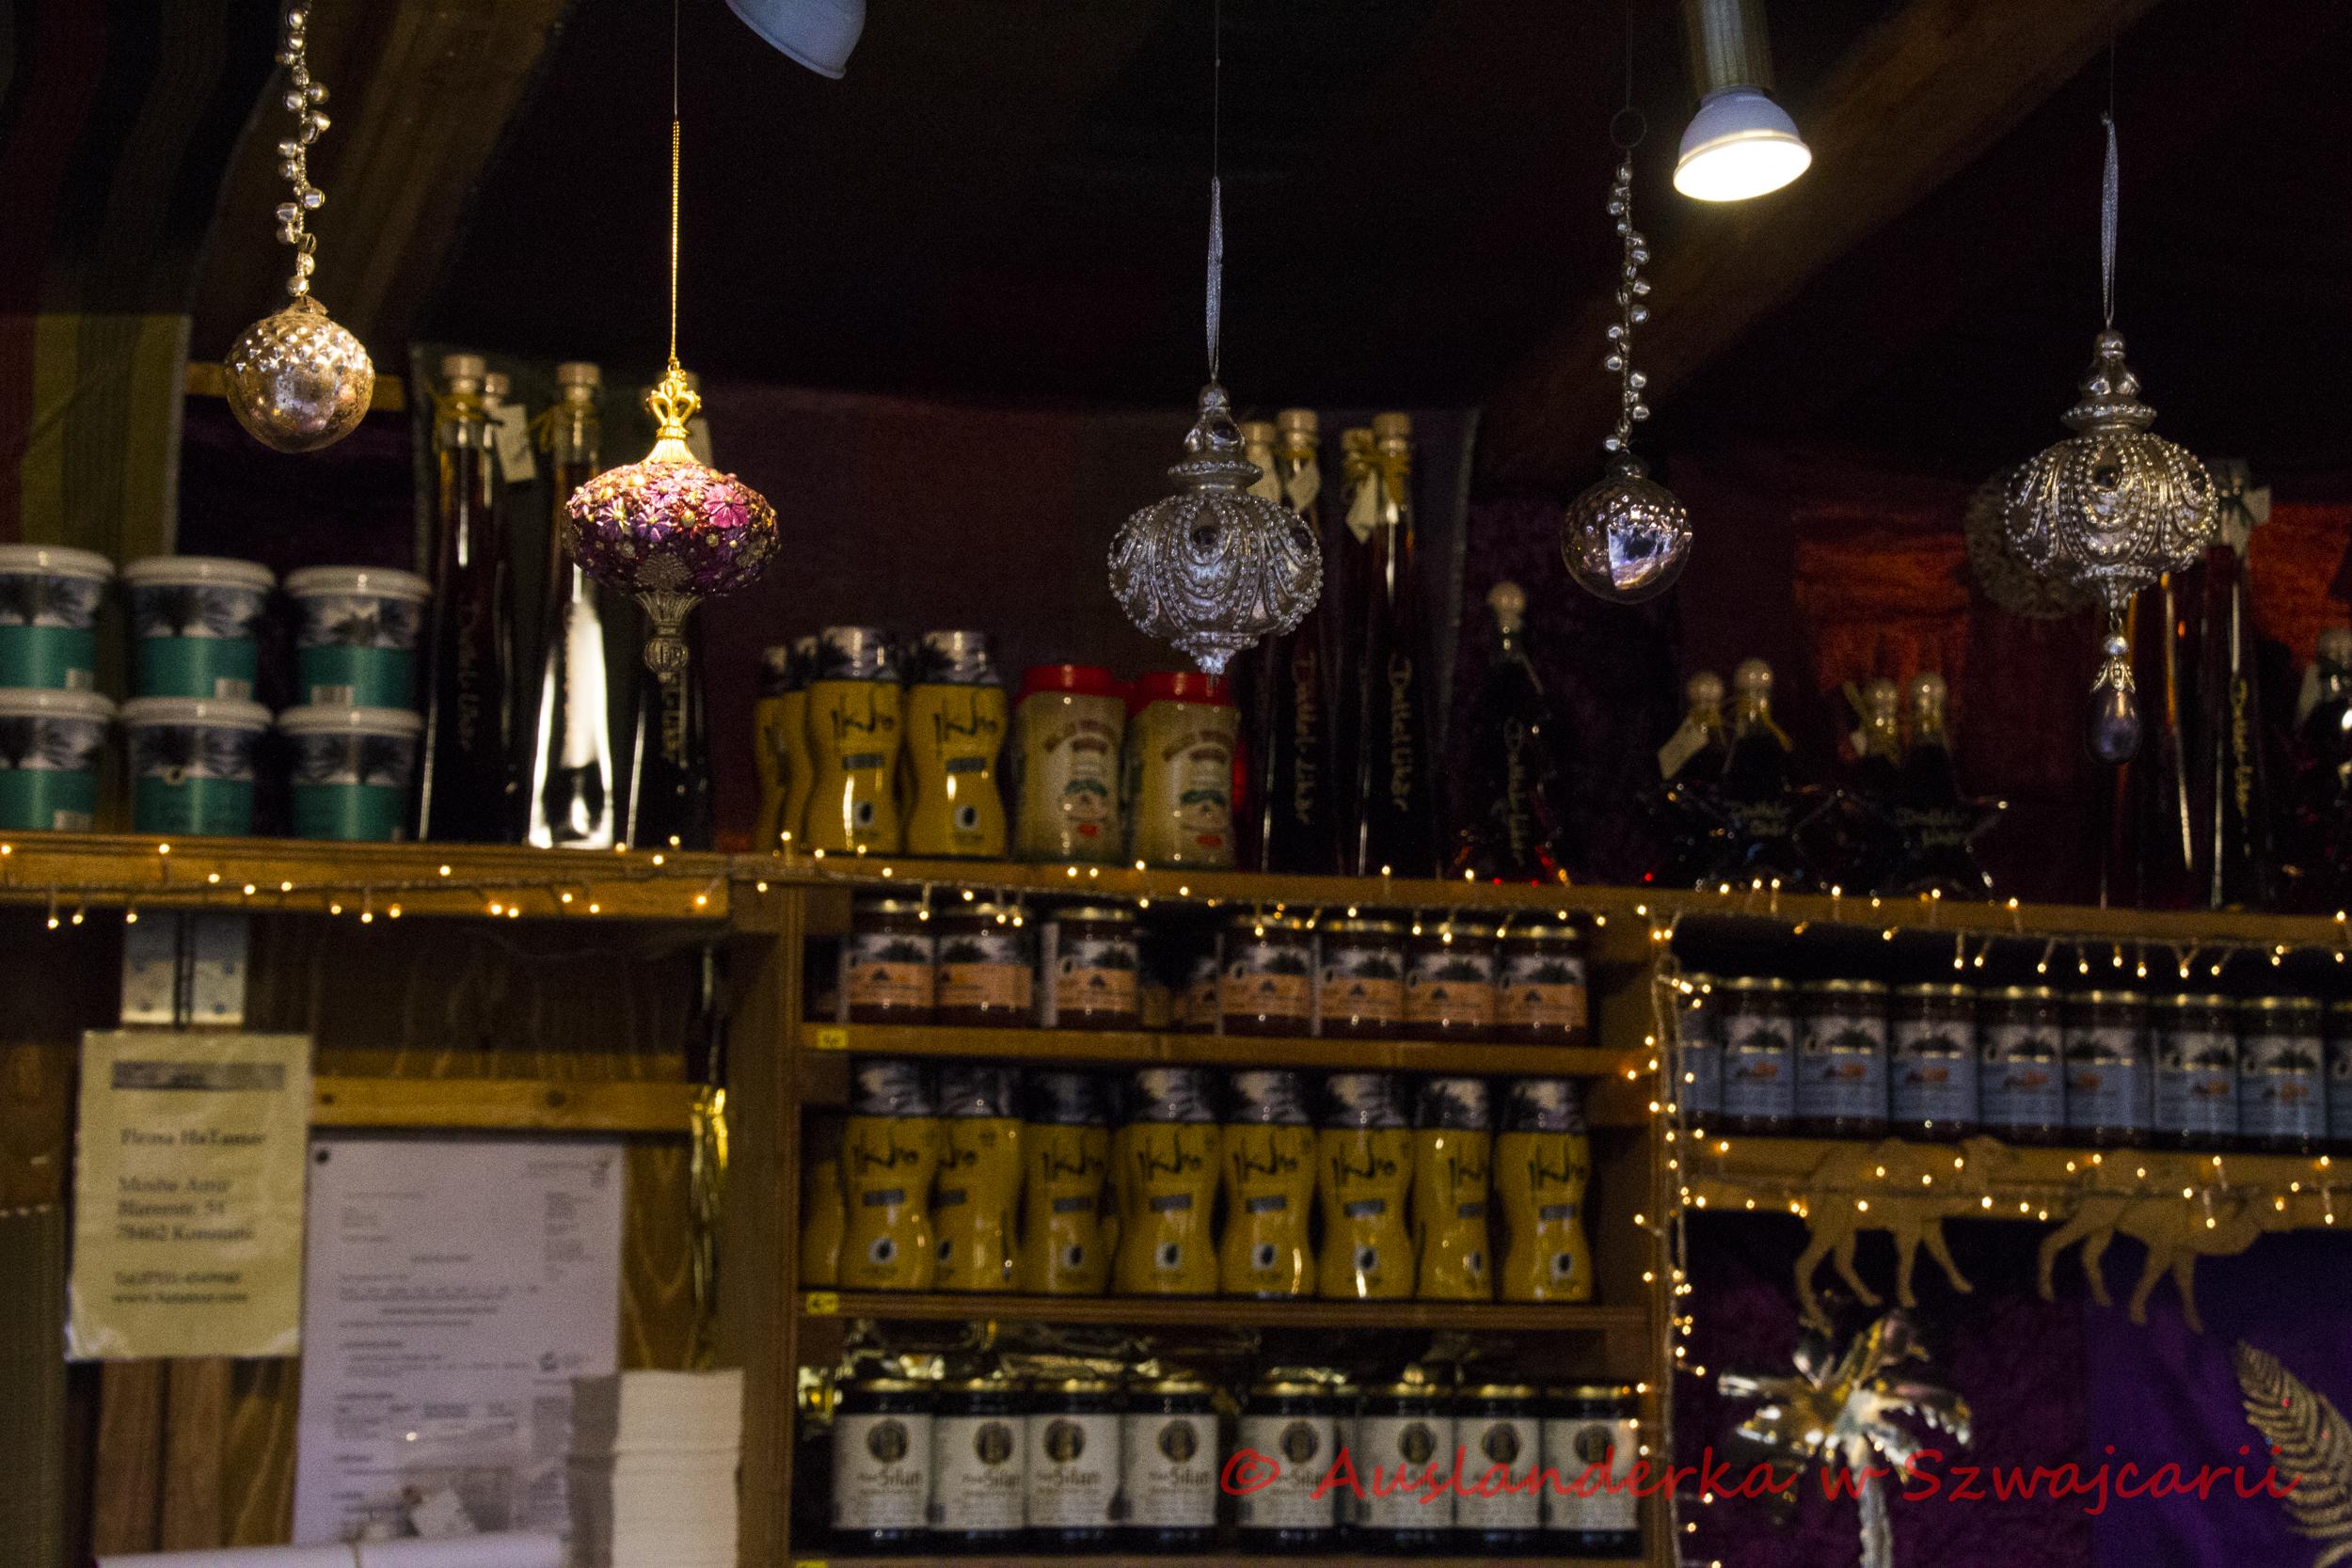 20161210_weihnachtsmarkt_konstanz_joannarutkoseitler_4